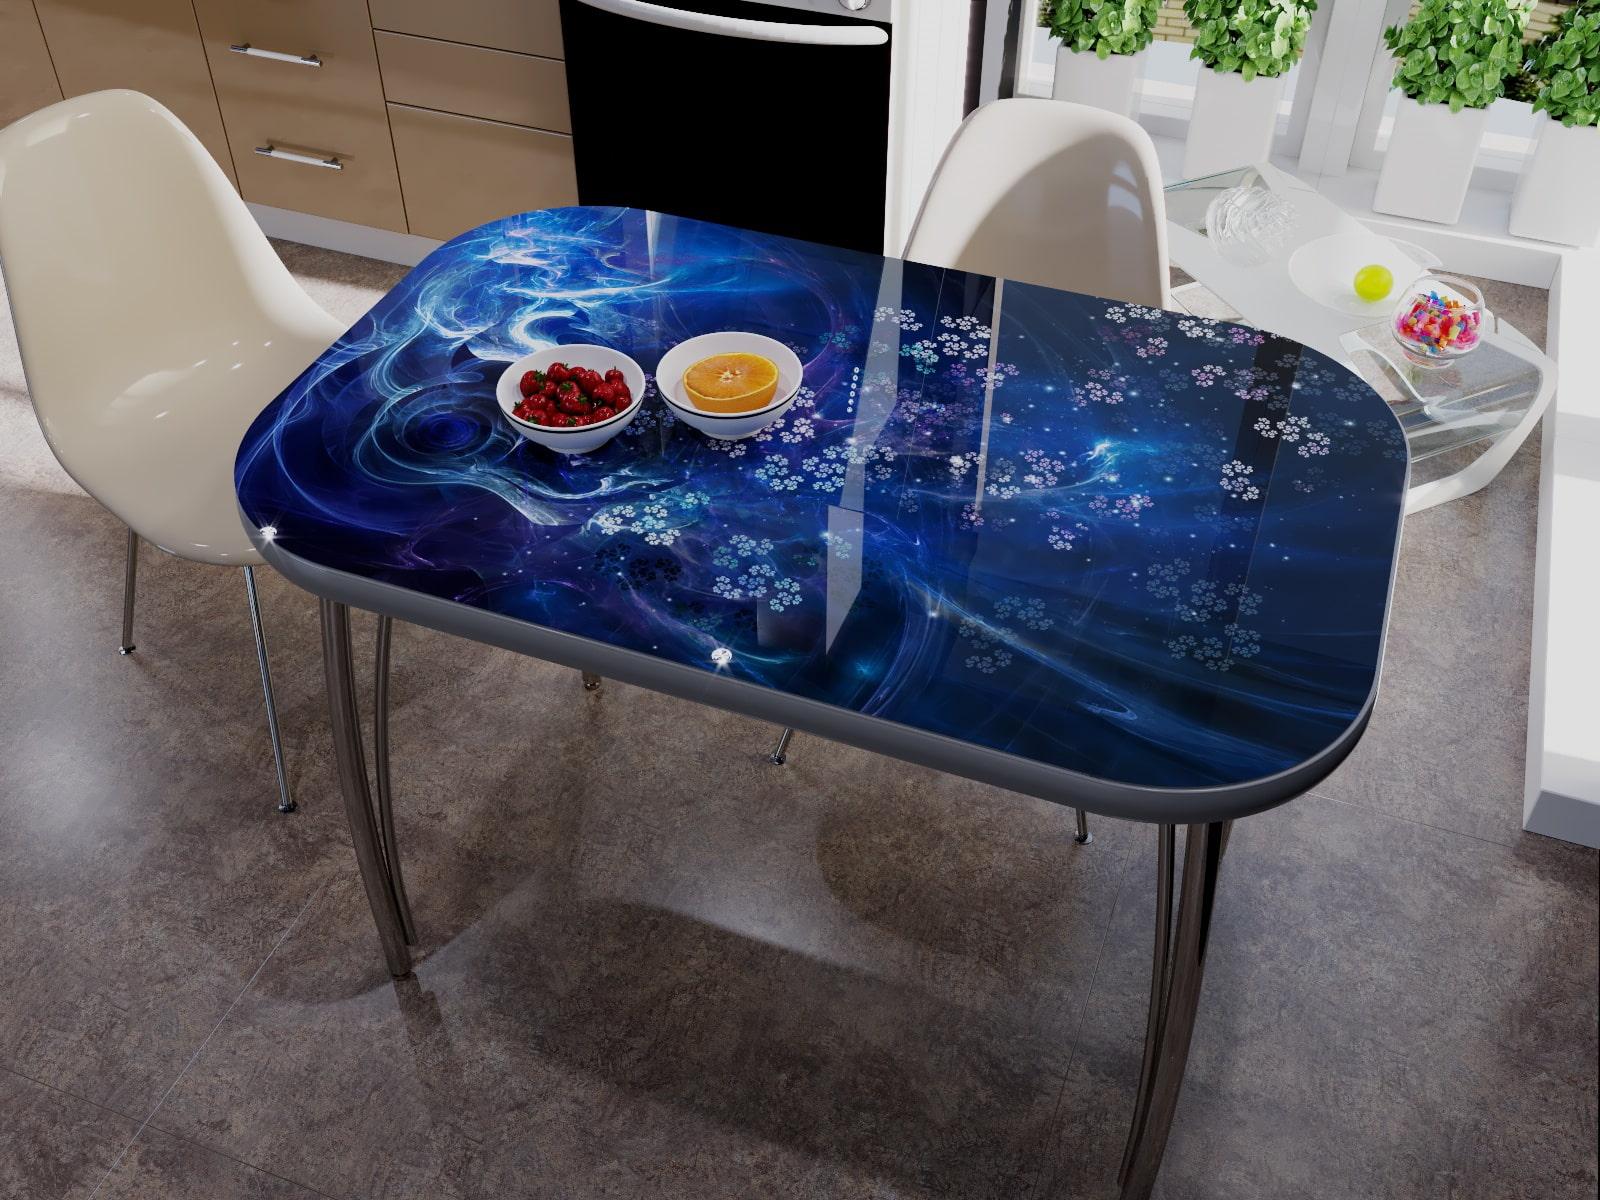 лекари, столы для кухни с фотопечатью фото свою пользу